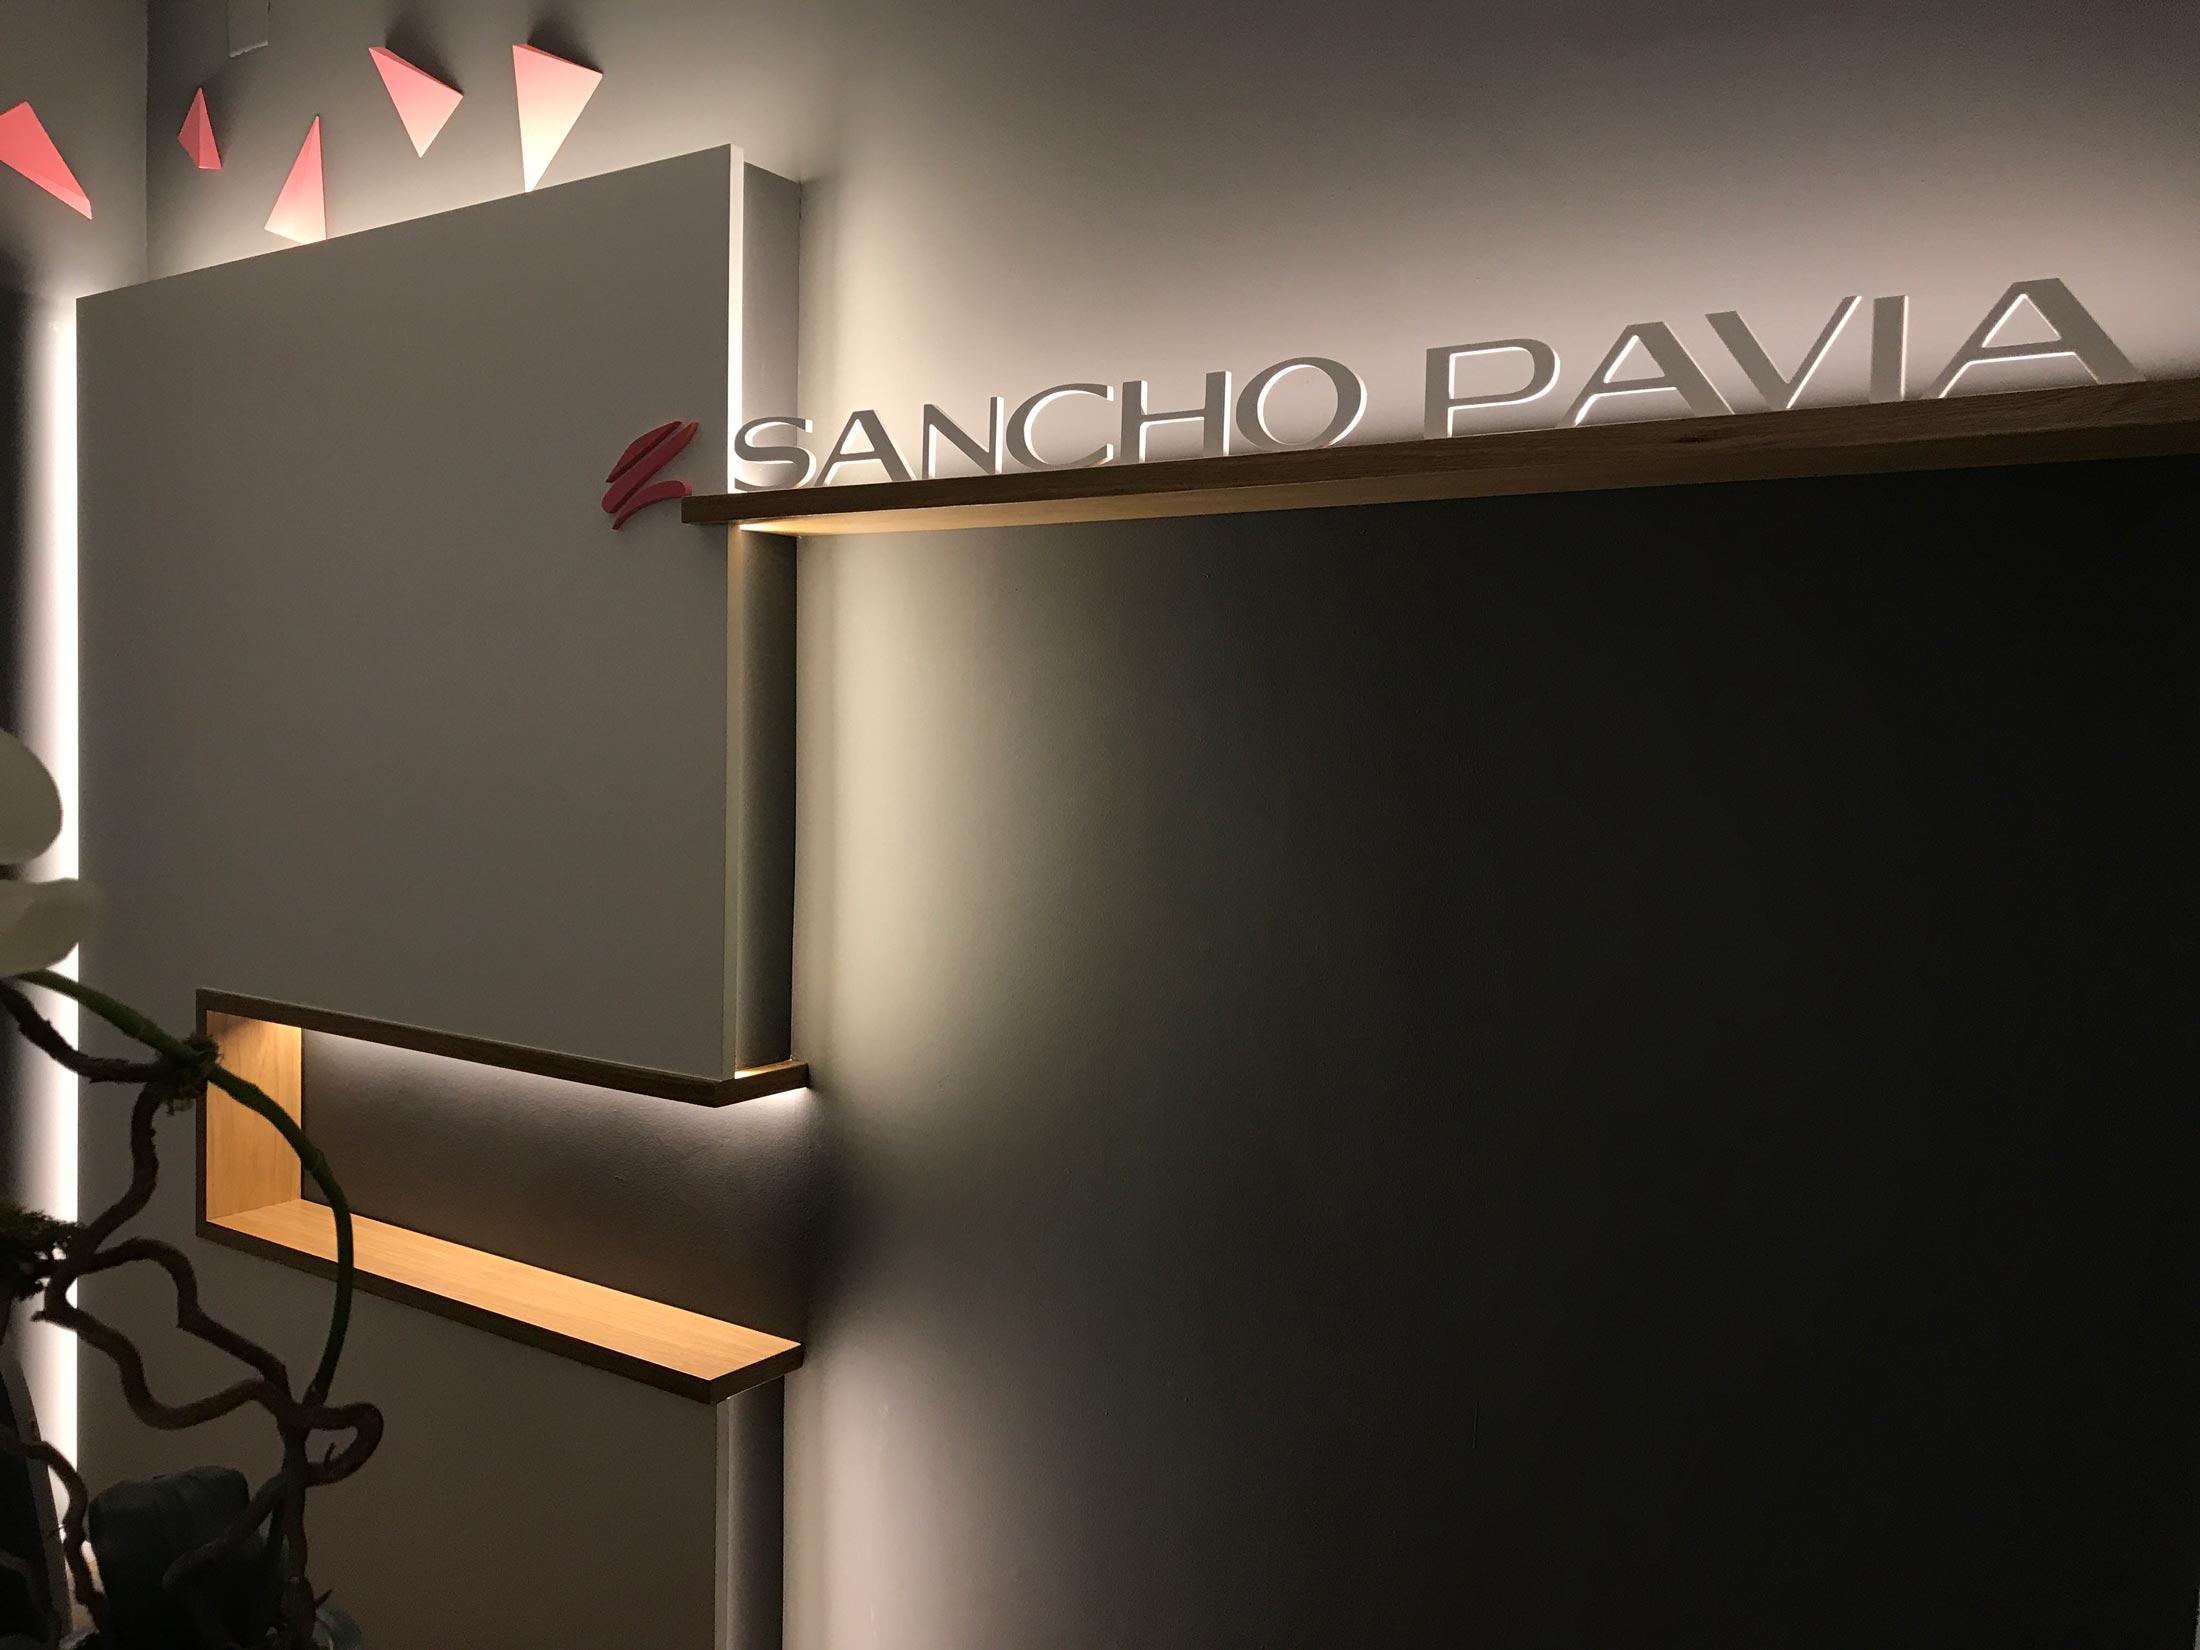 Clínica Sancho Pavía